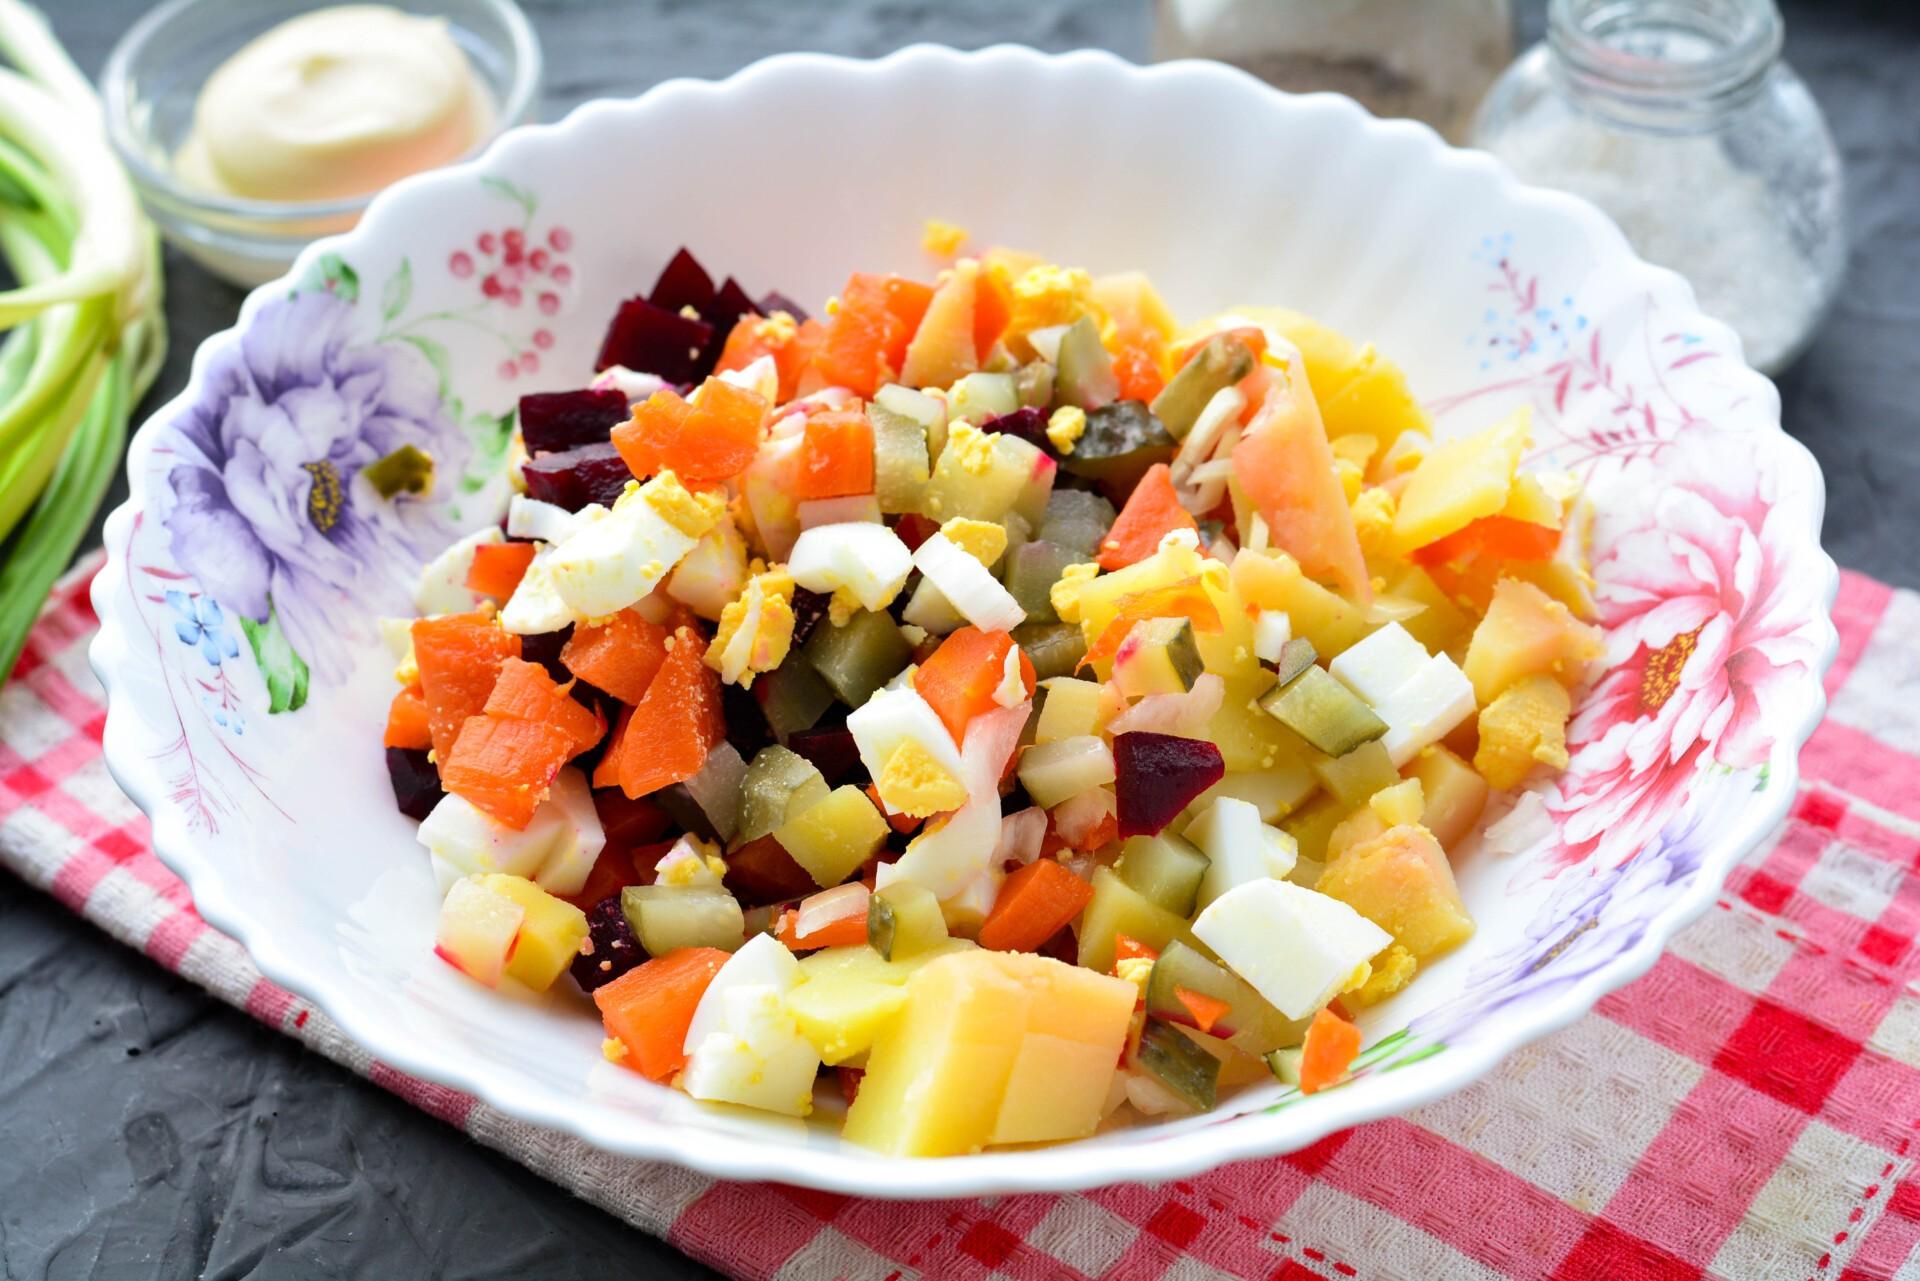 Соединяем все овощи в салатнике и добавляем специи по вкусу